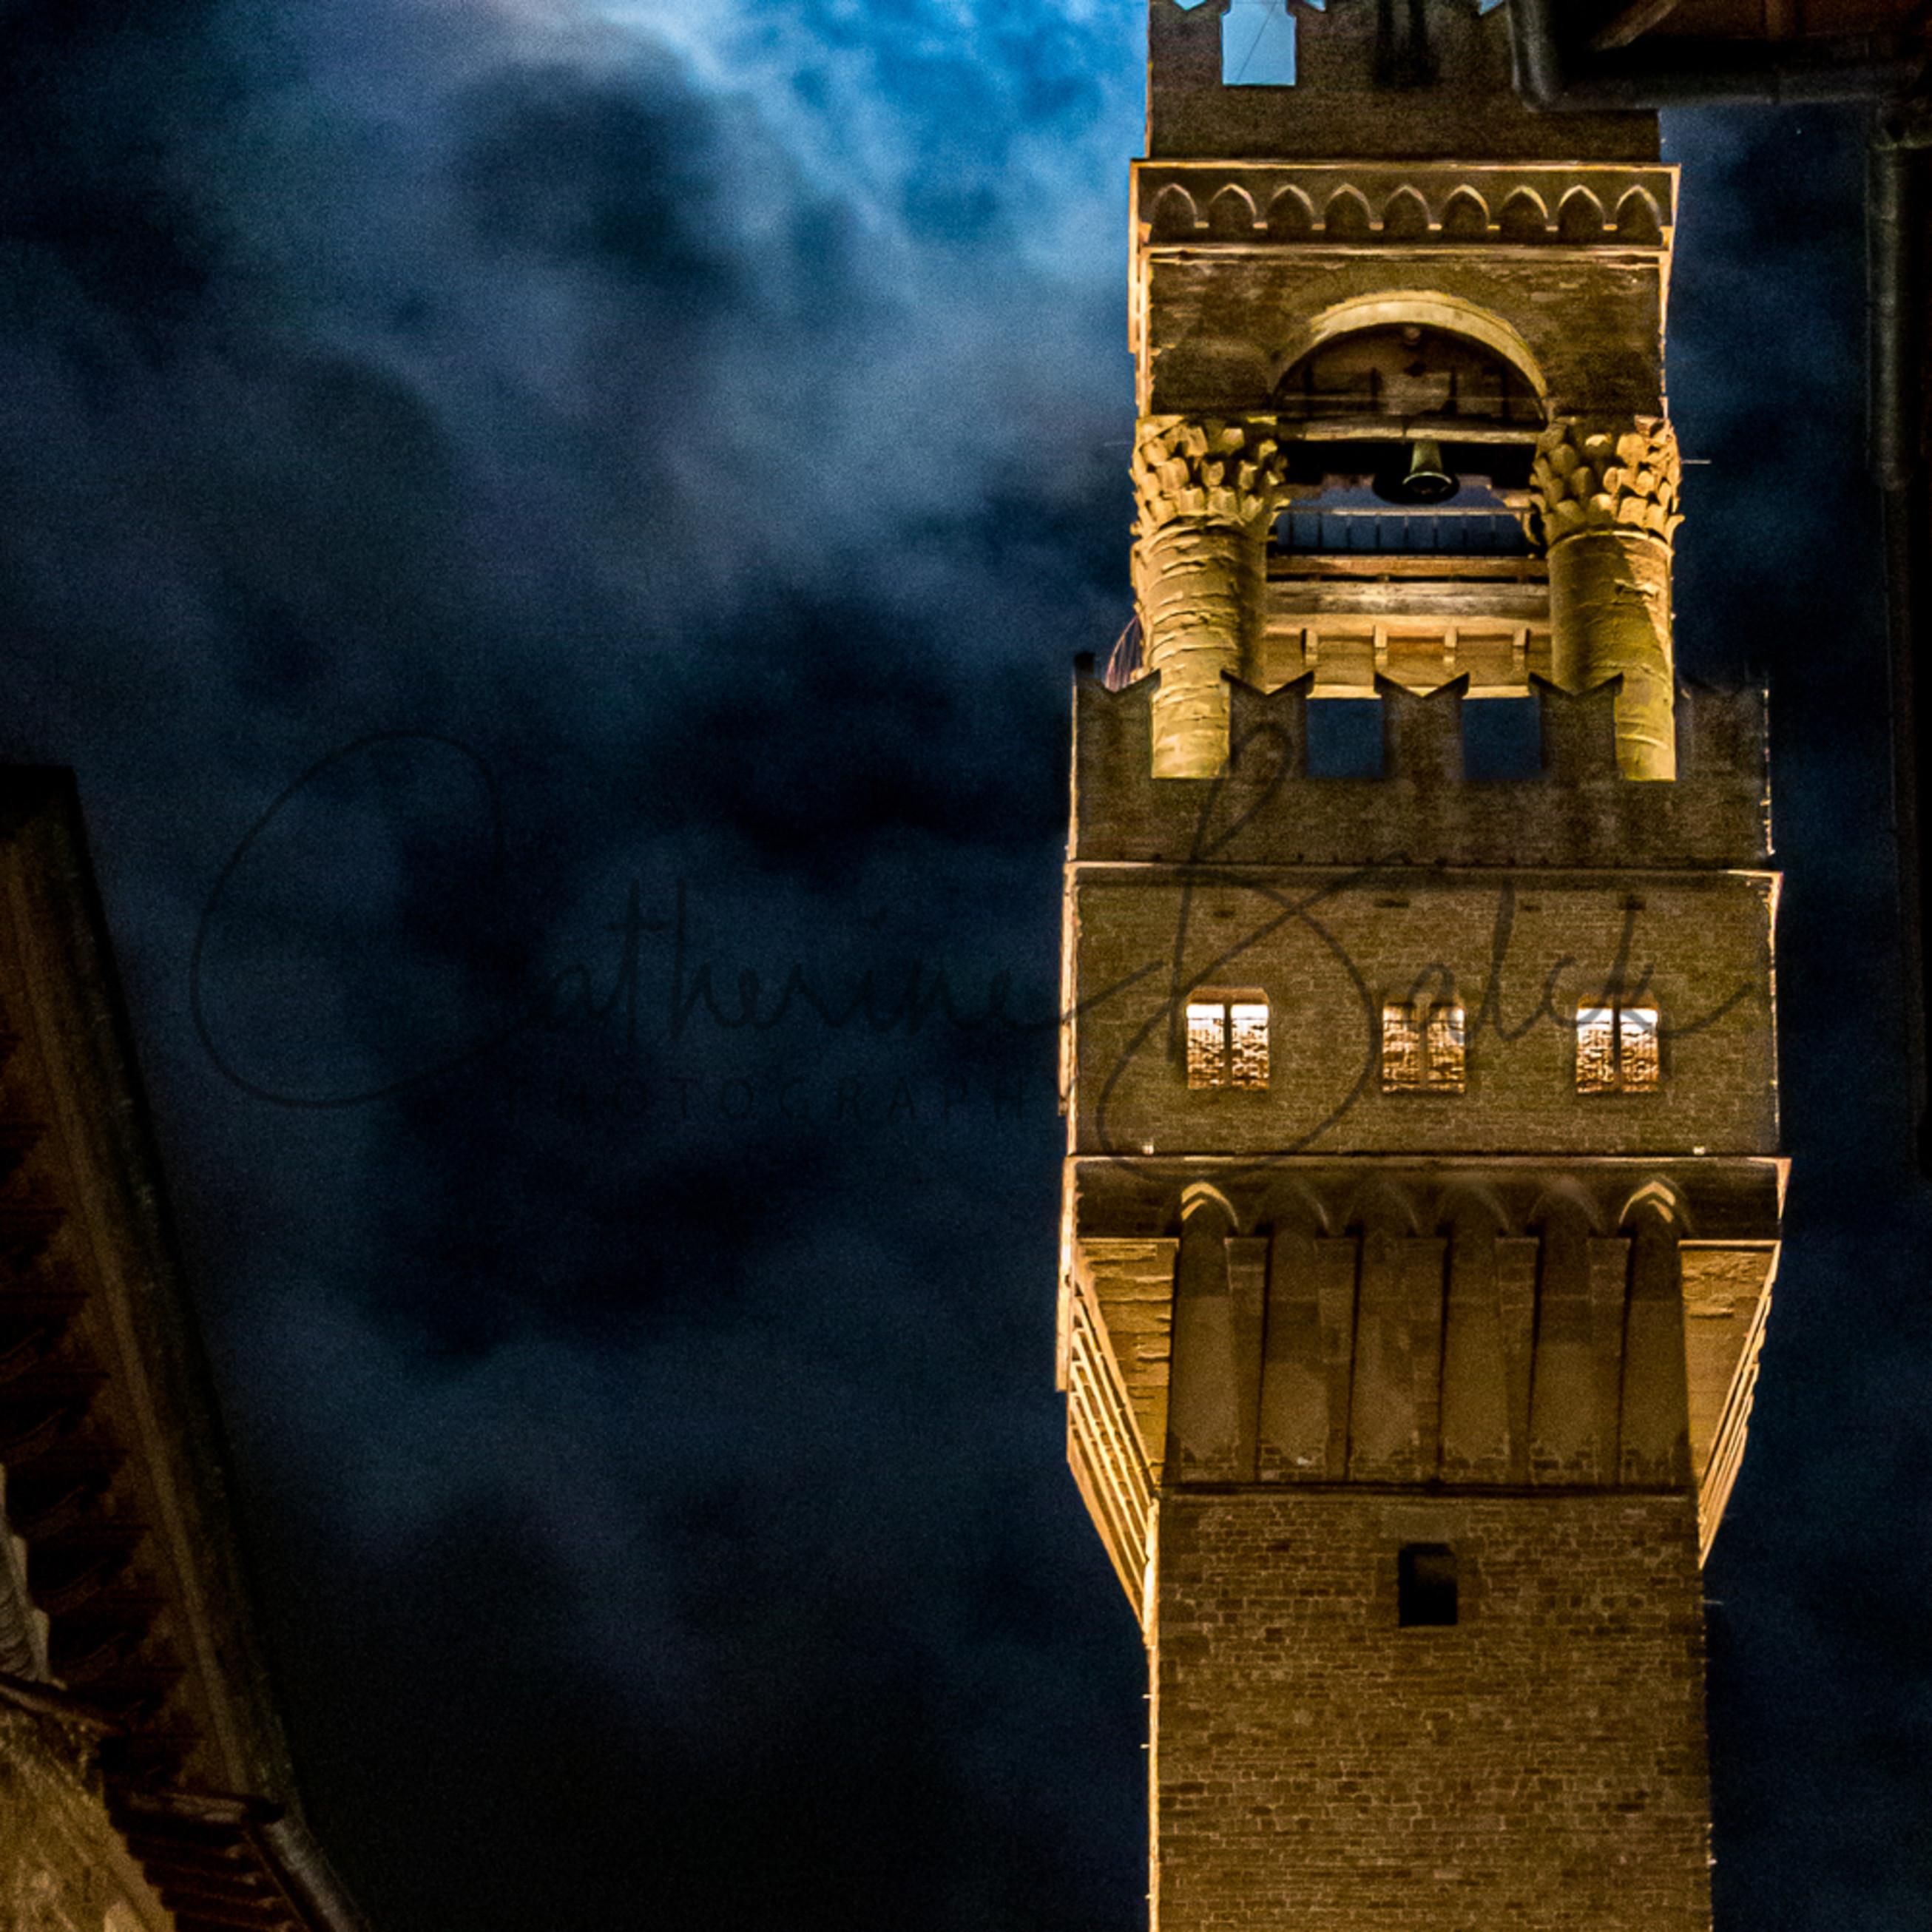 11 2018 florence clock tower 7910 szngir